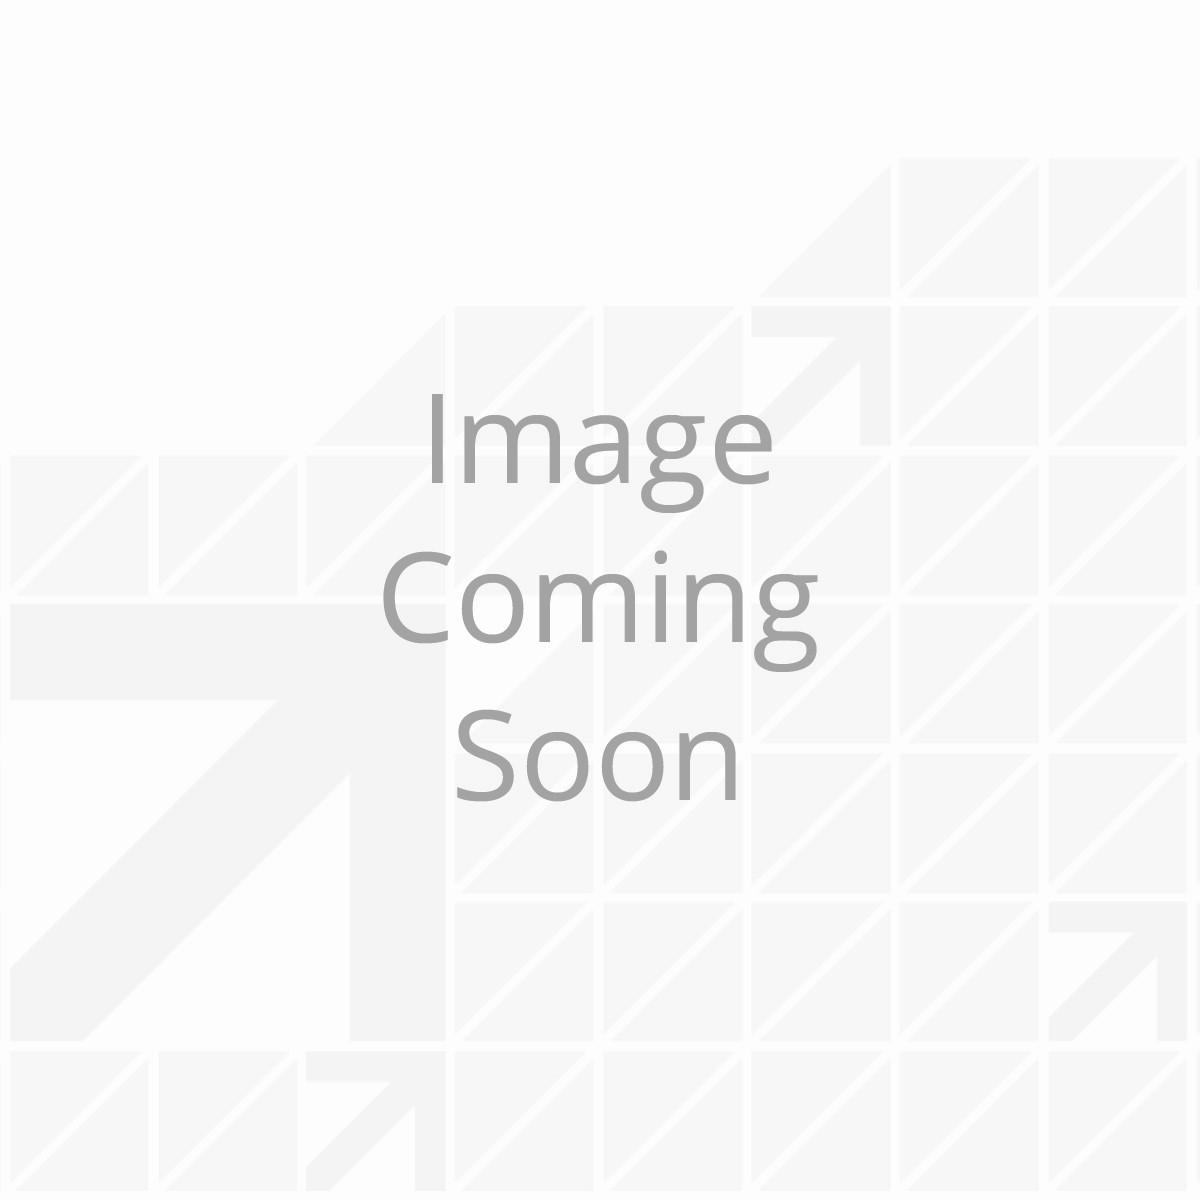 Universal Mount Landing Gear Kit - Power